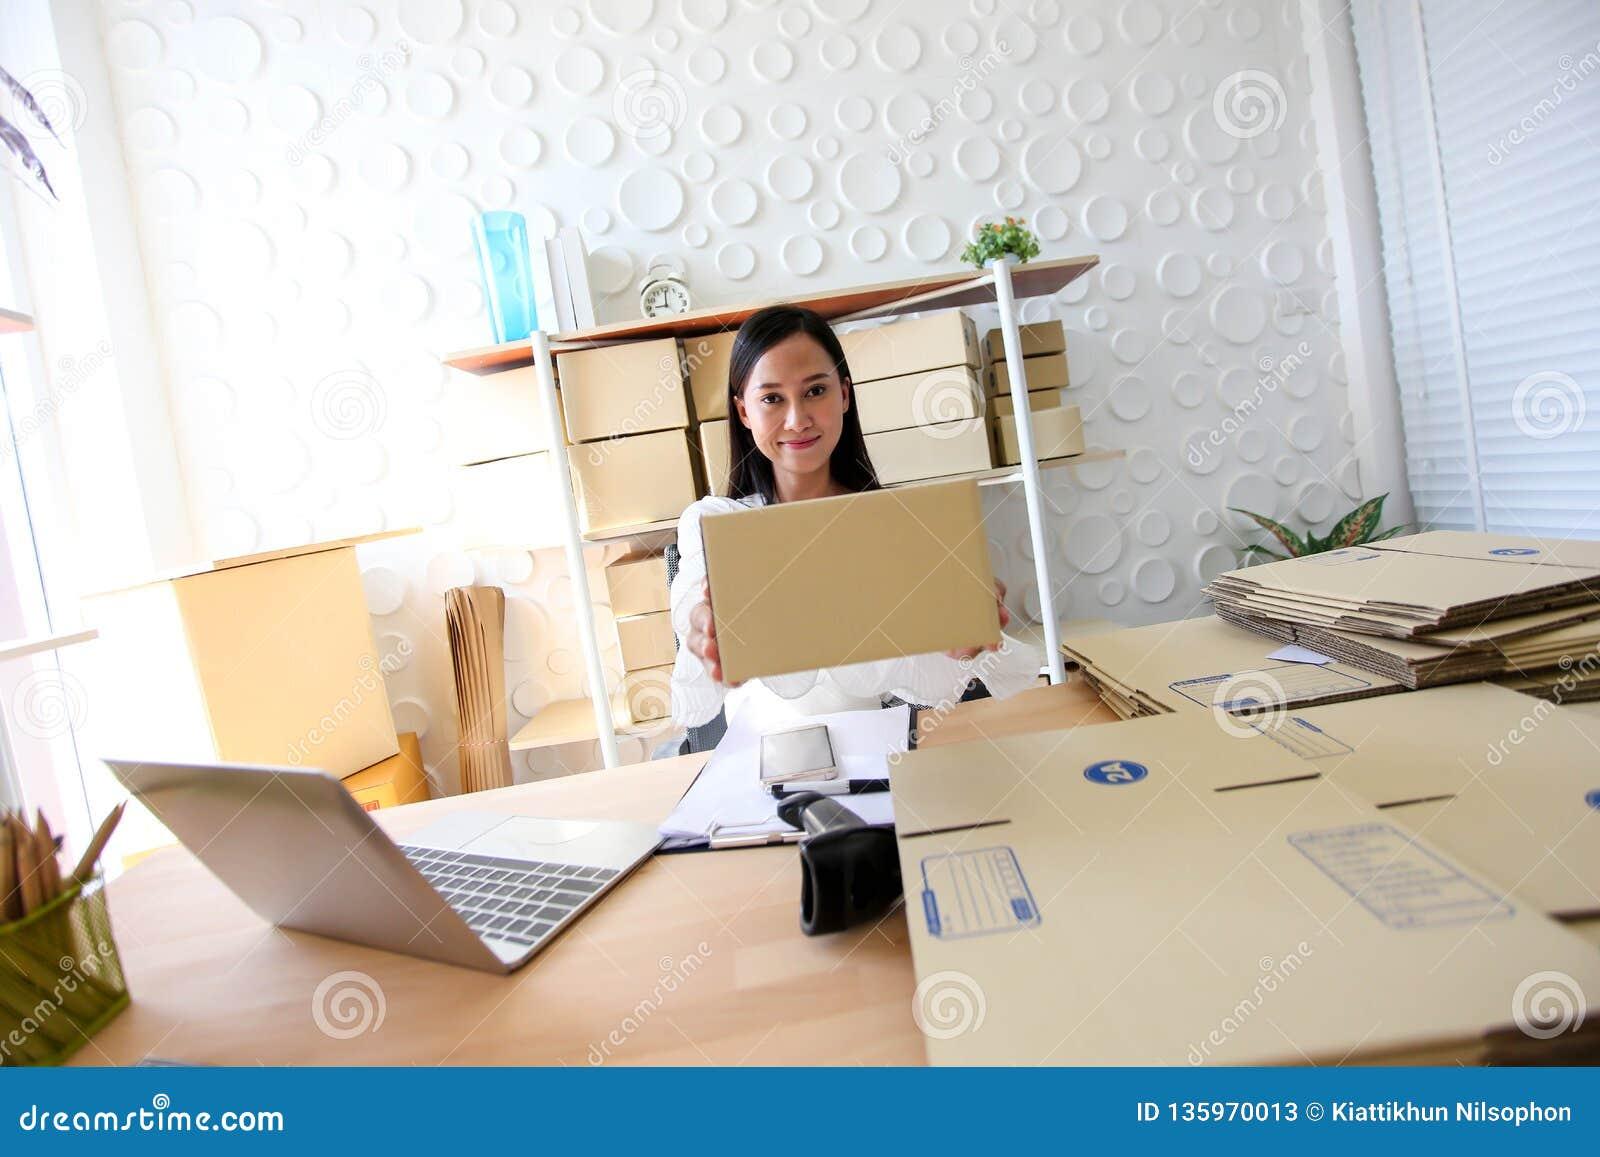 Junges asiatisches Mädchen ist Freiberufler Startung Kleinunternehmerschreibensadresse auf Pappschachtel am Arbeitsplatz und vers